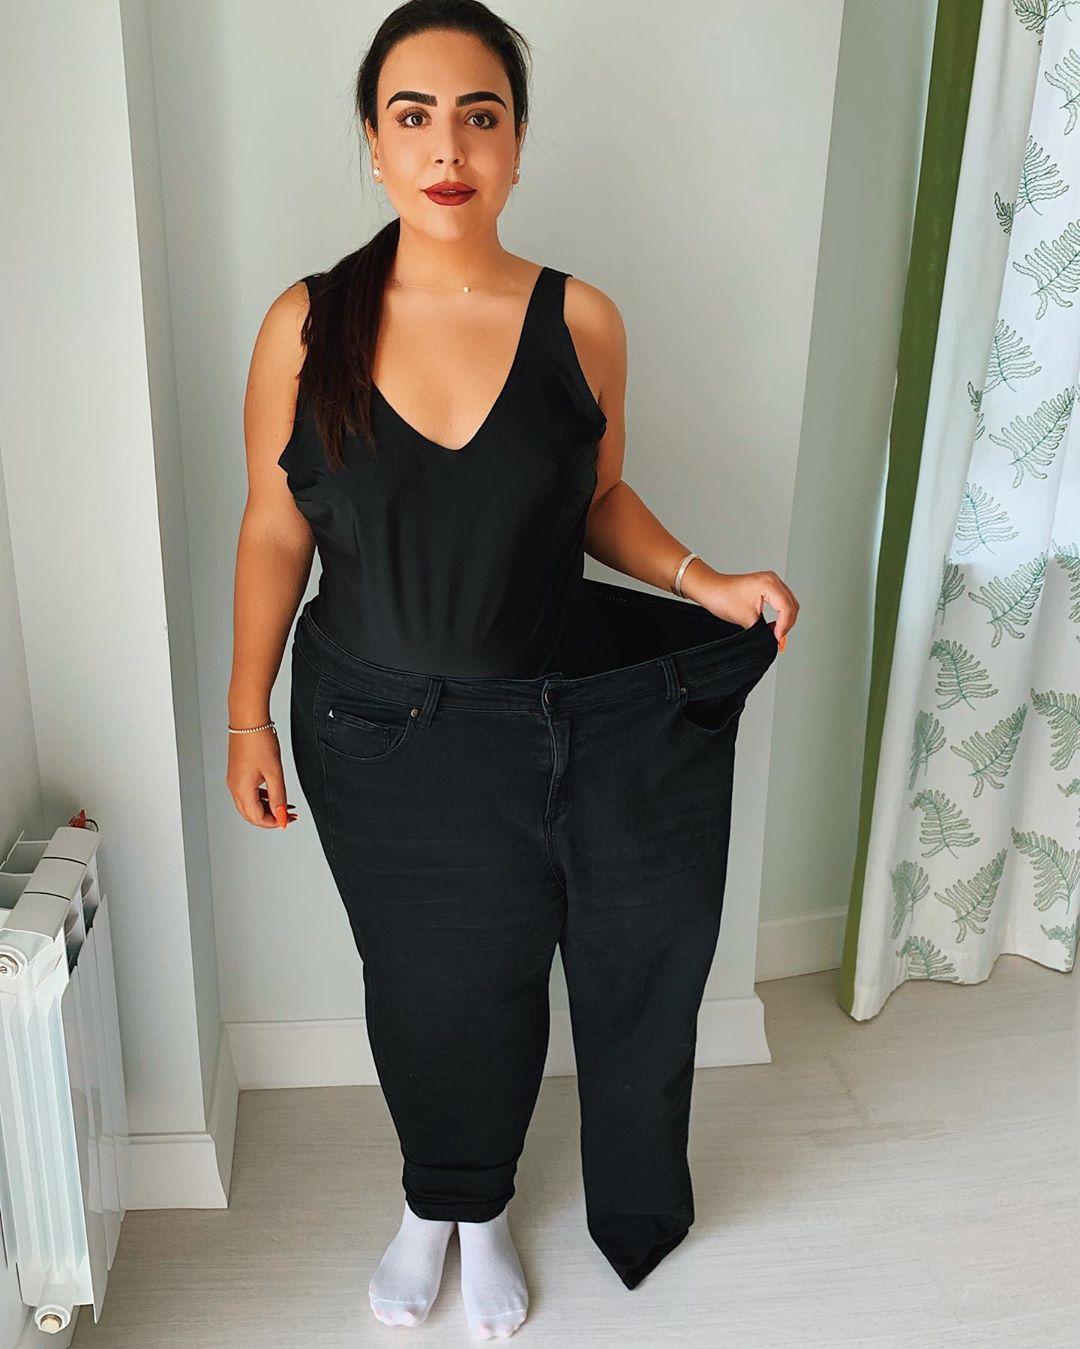 Софии Броян, которая сбросила 95 кг